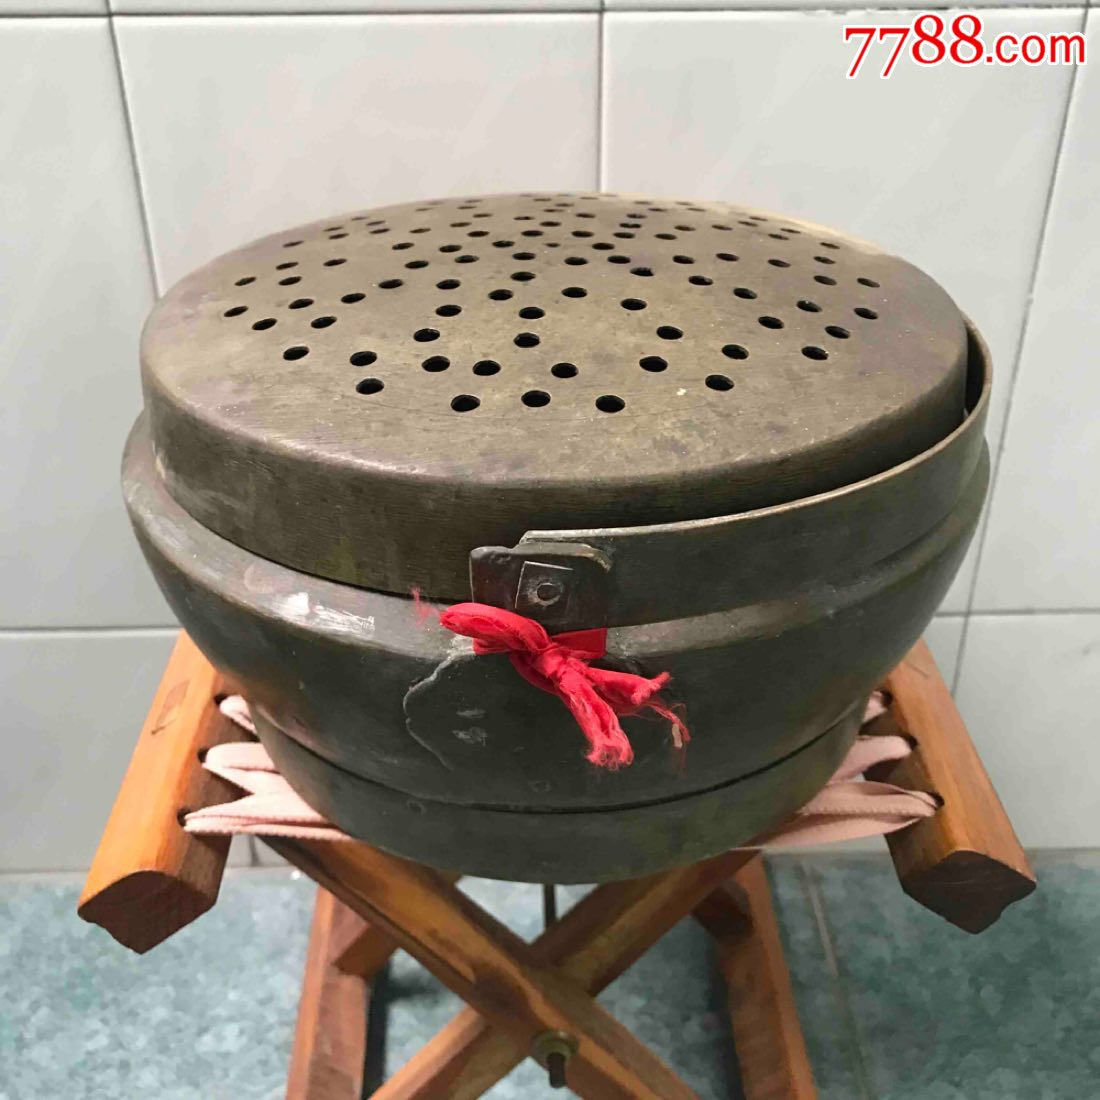 铜杂件铜脚炉民俗老货苏作手工黄铜火炉品好收藏怀旧家用婚庆馈赠(se68034847)_